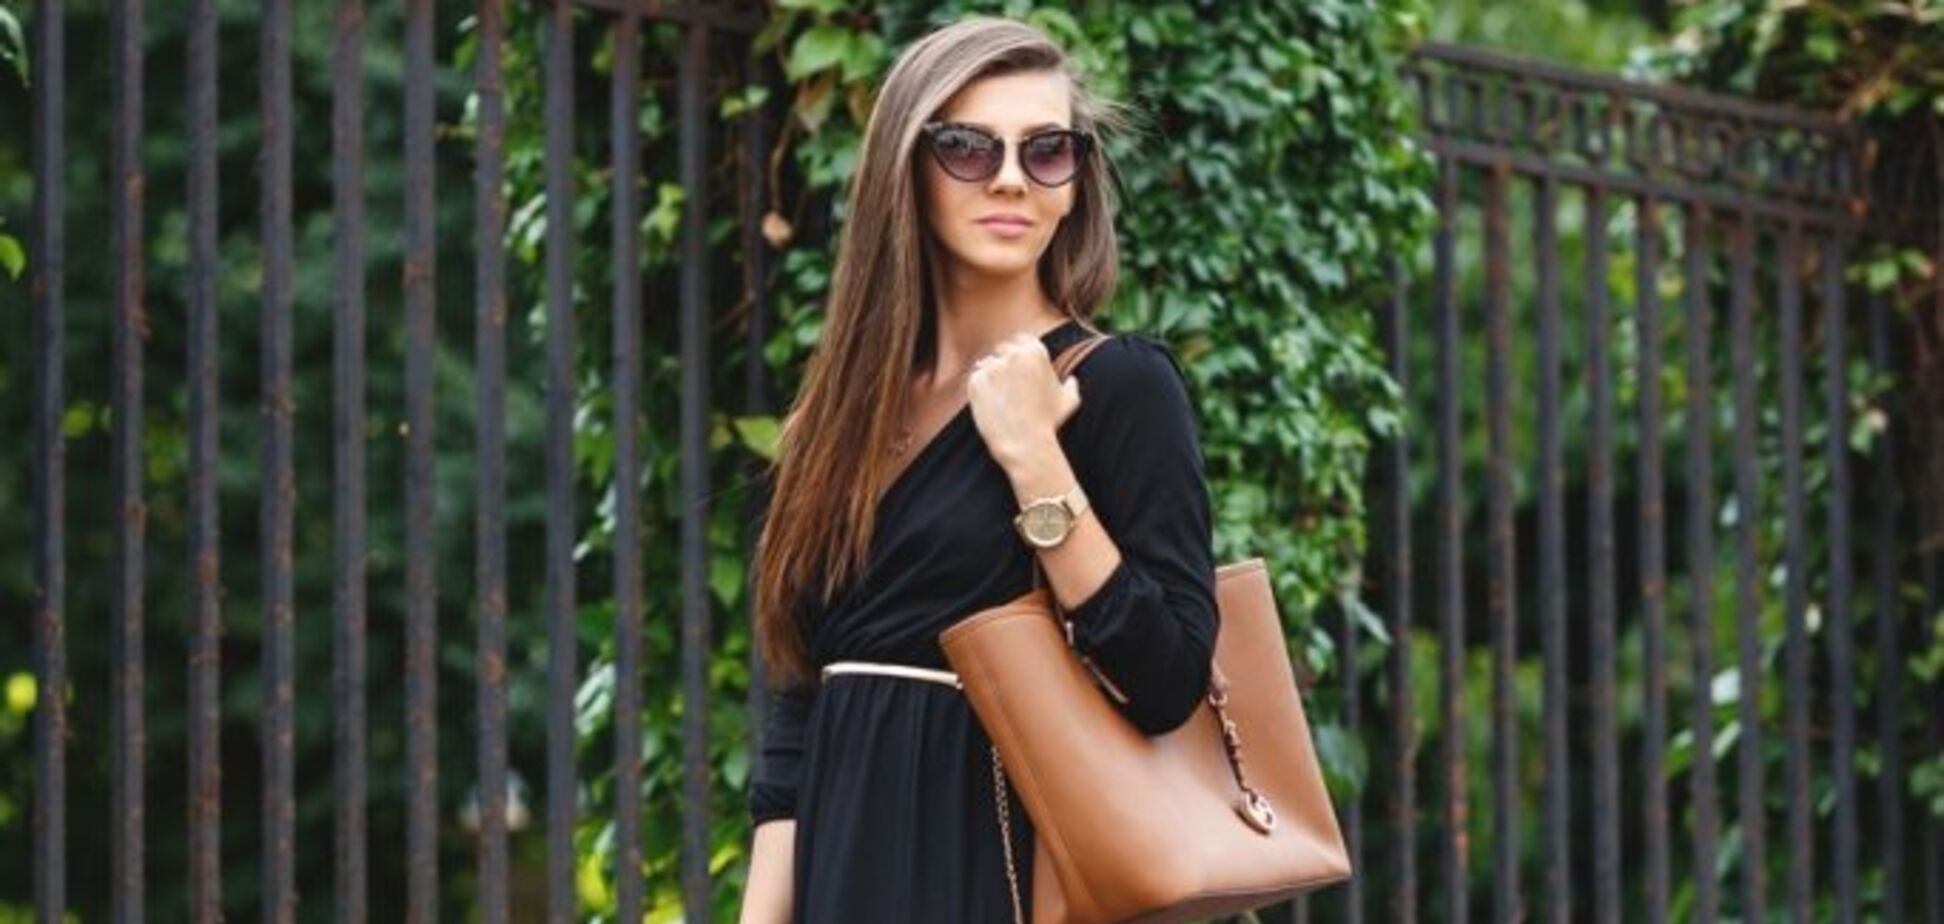 Плетене взуття стало модною тенденцією 2021: з чим носити